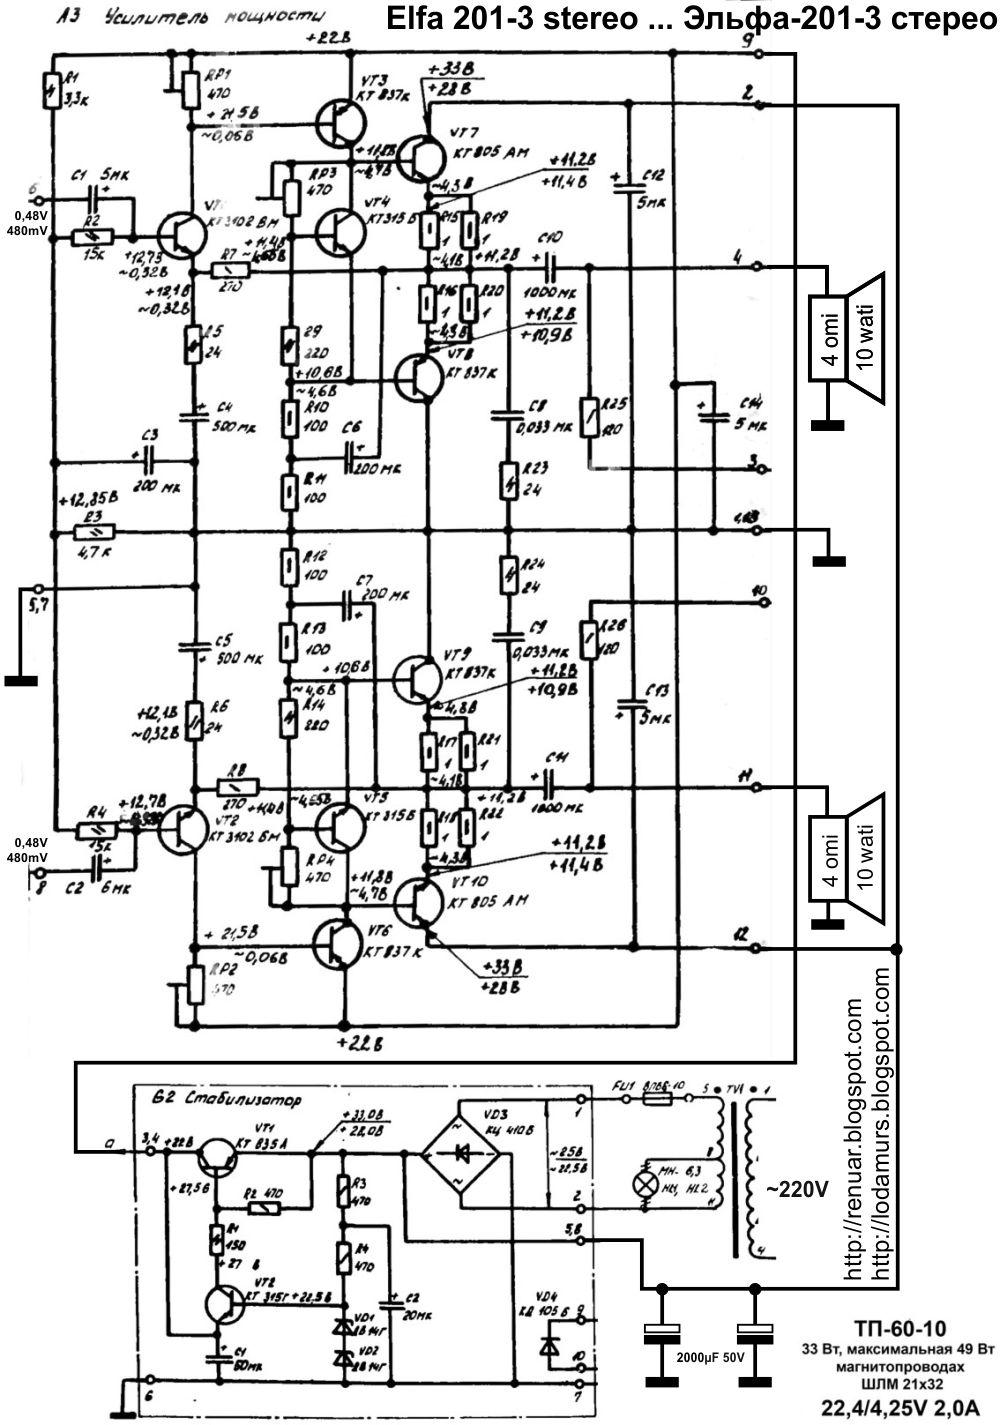 предварительный усилитель схема магнитофонной головки